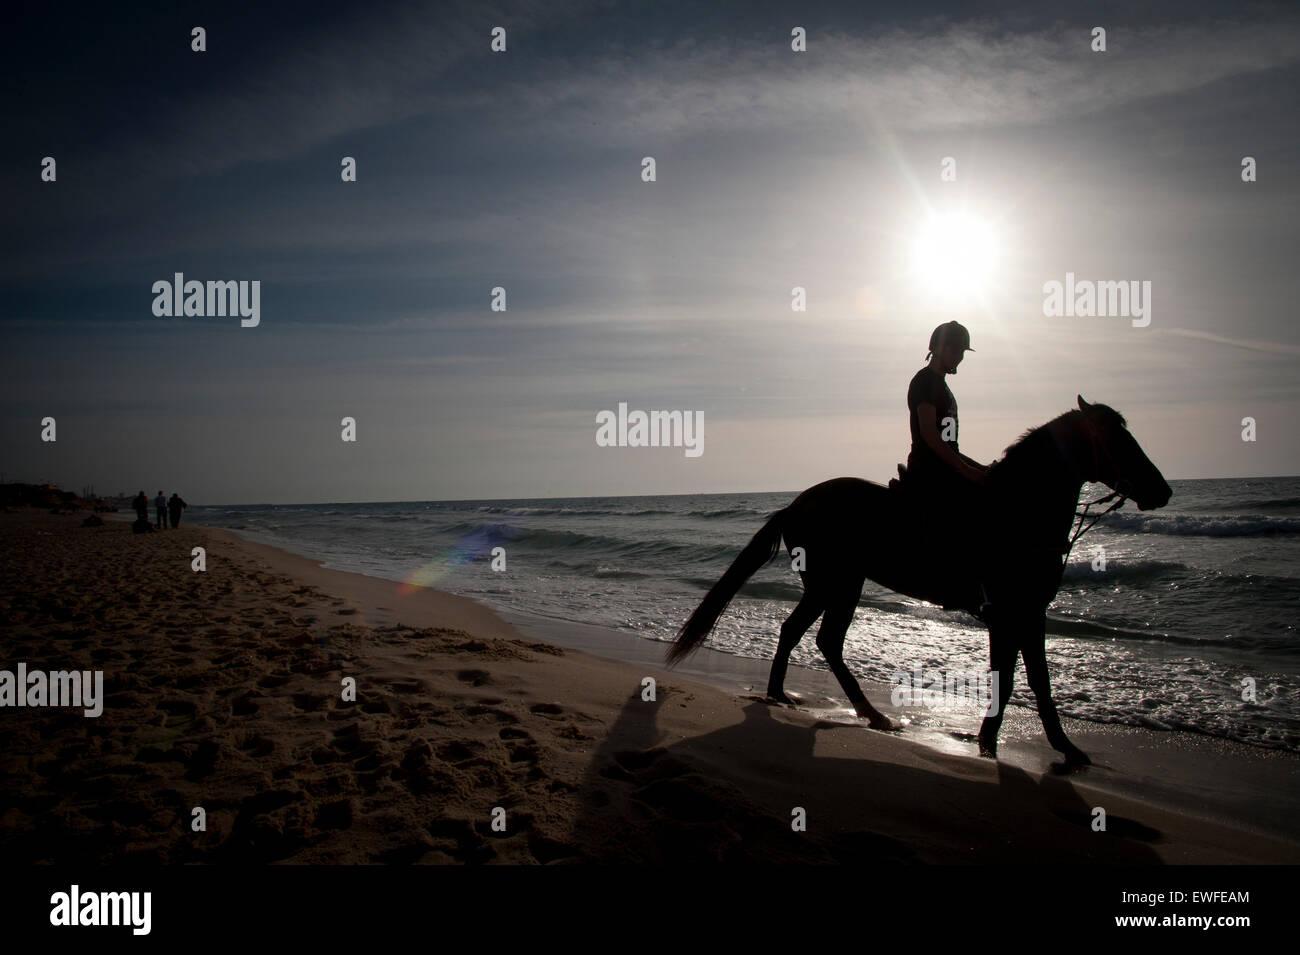 Montando a caballo en la playa, en la Franja de Gaza, territorio palestino ocupado. Imagen De Stock